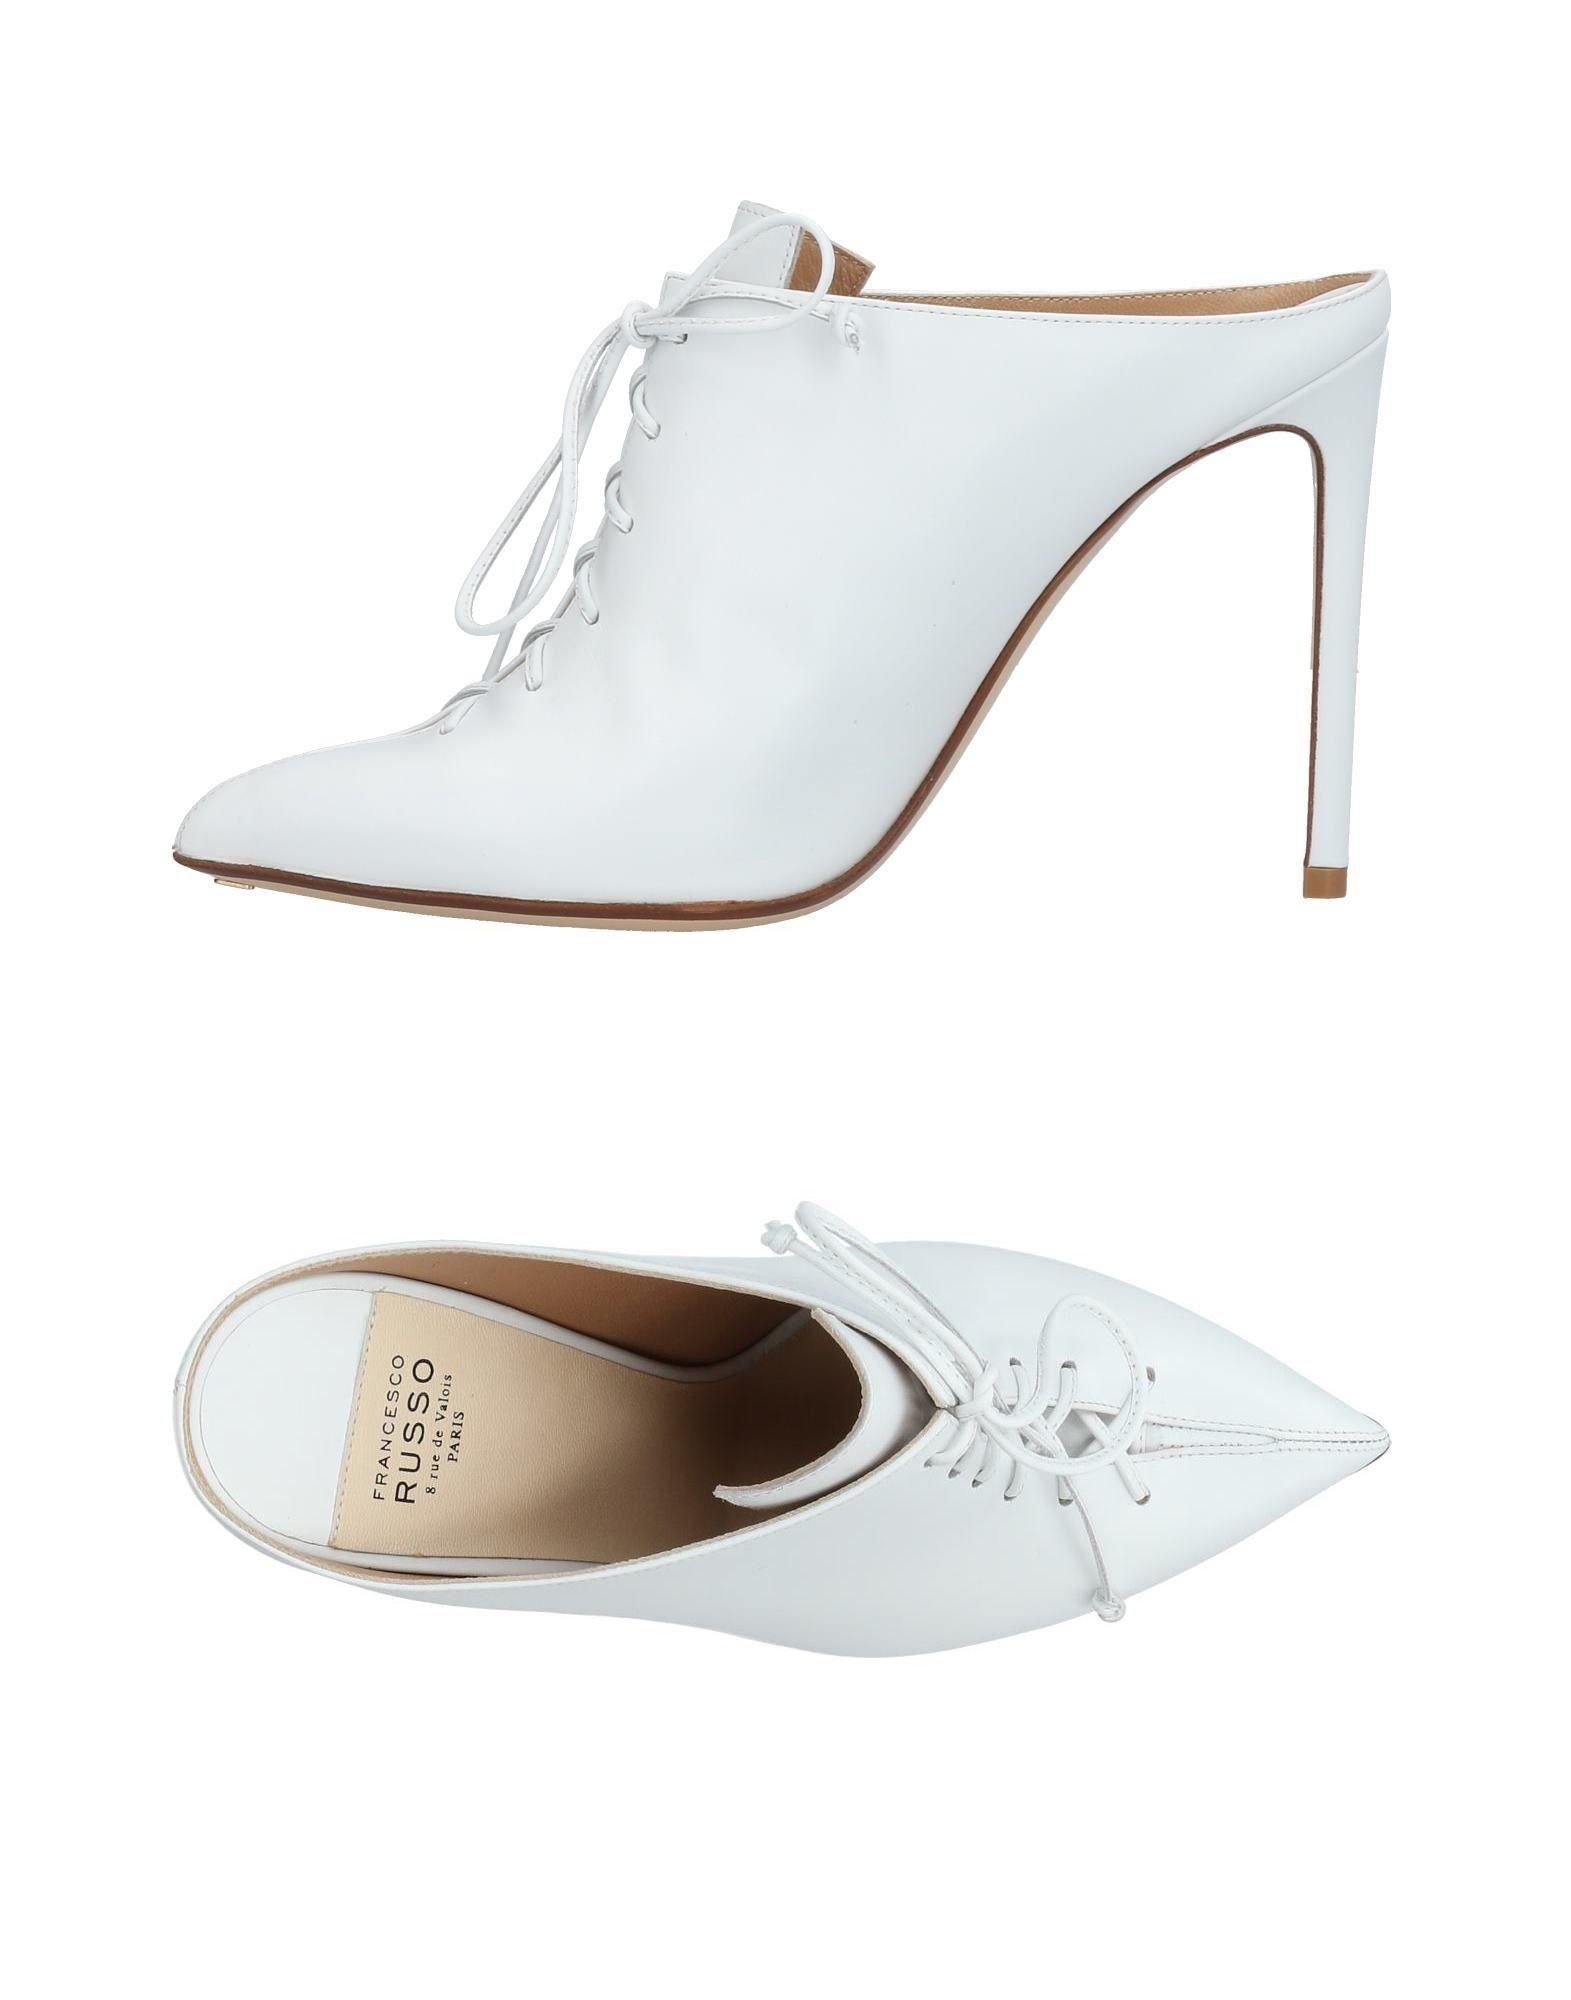 Francesco Russo Pantoletten aussehende Damen  11448969SQGünstige gut aussehende Pantoletten Schuhe b86450